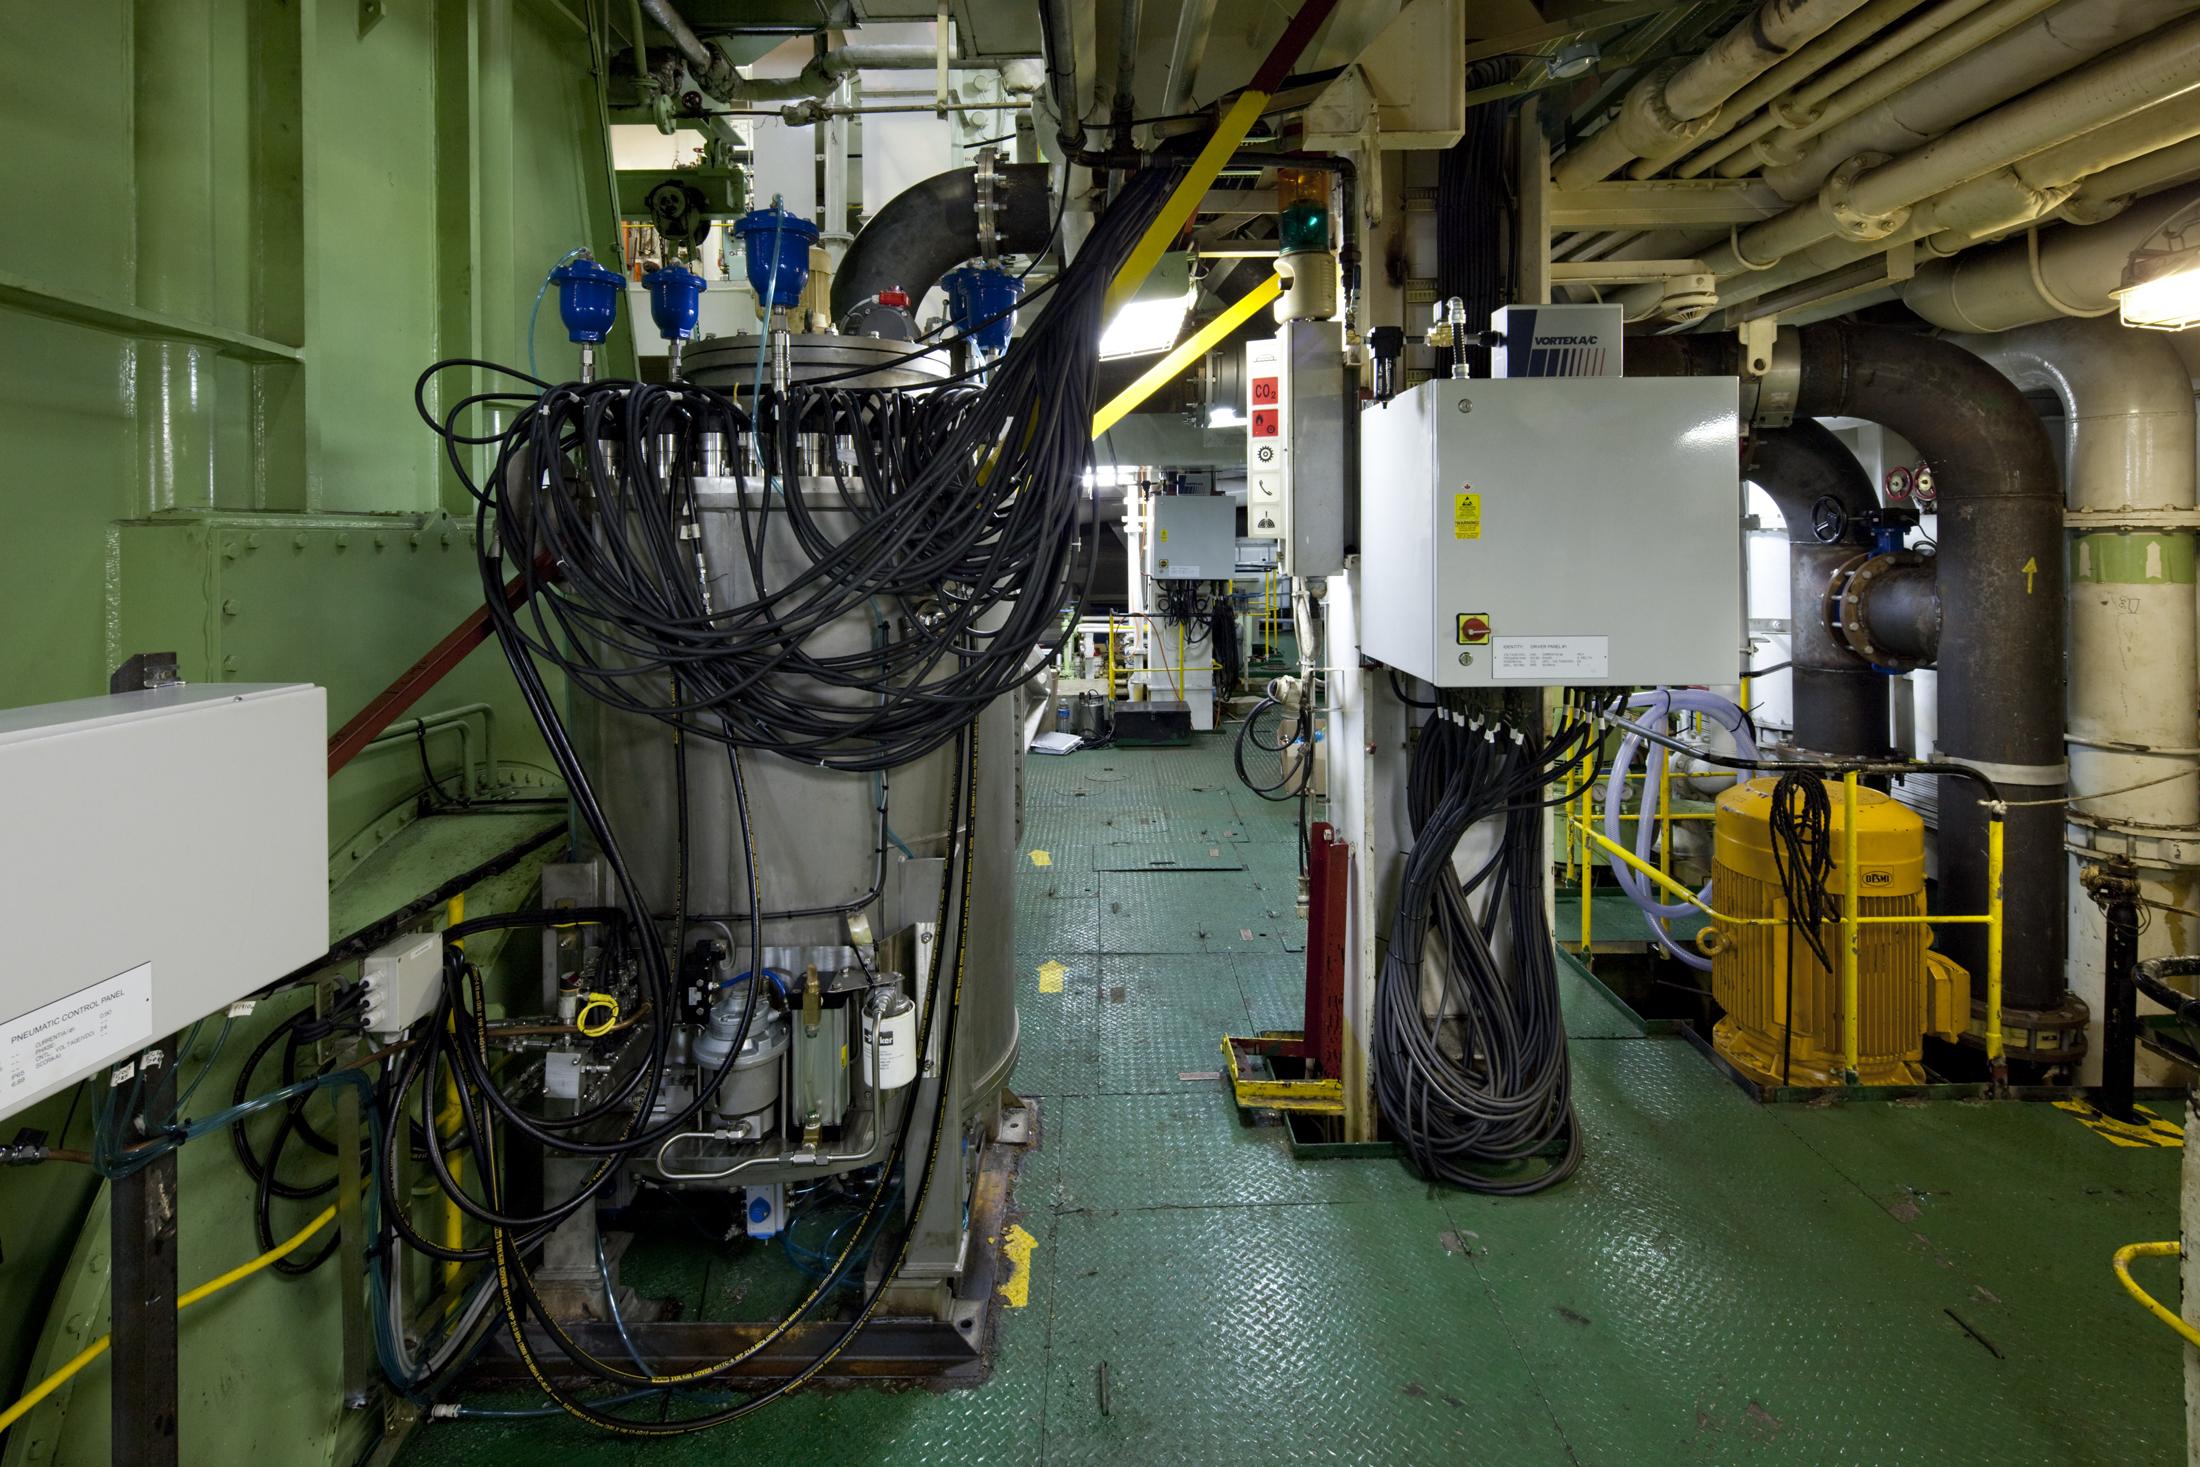 industrial_20.jpg